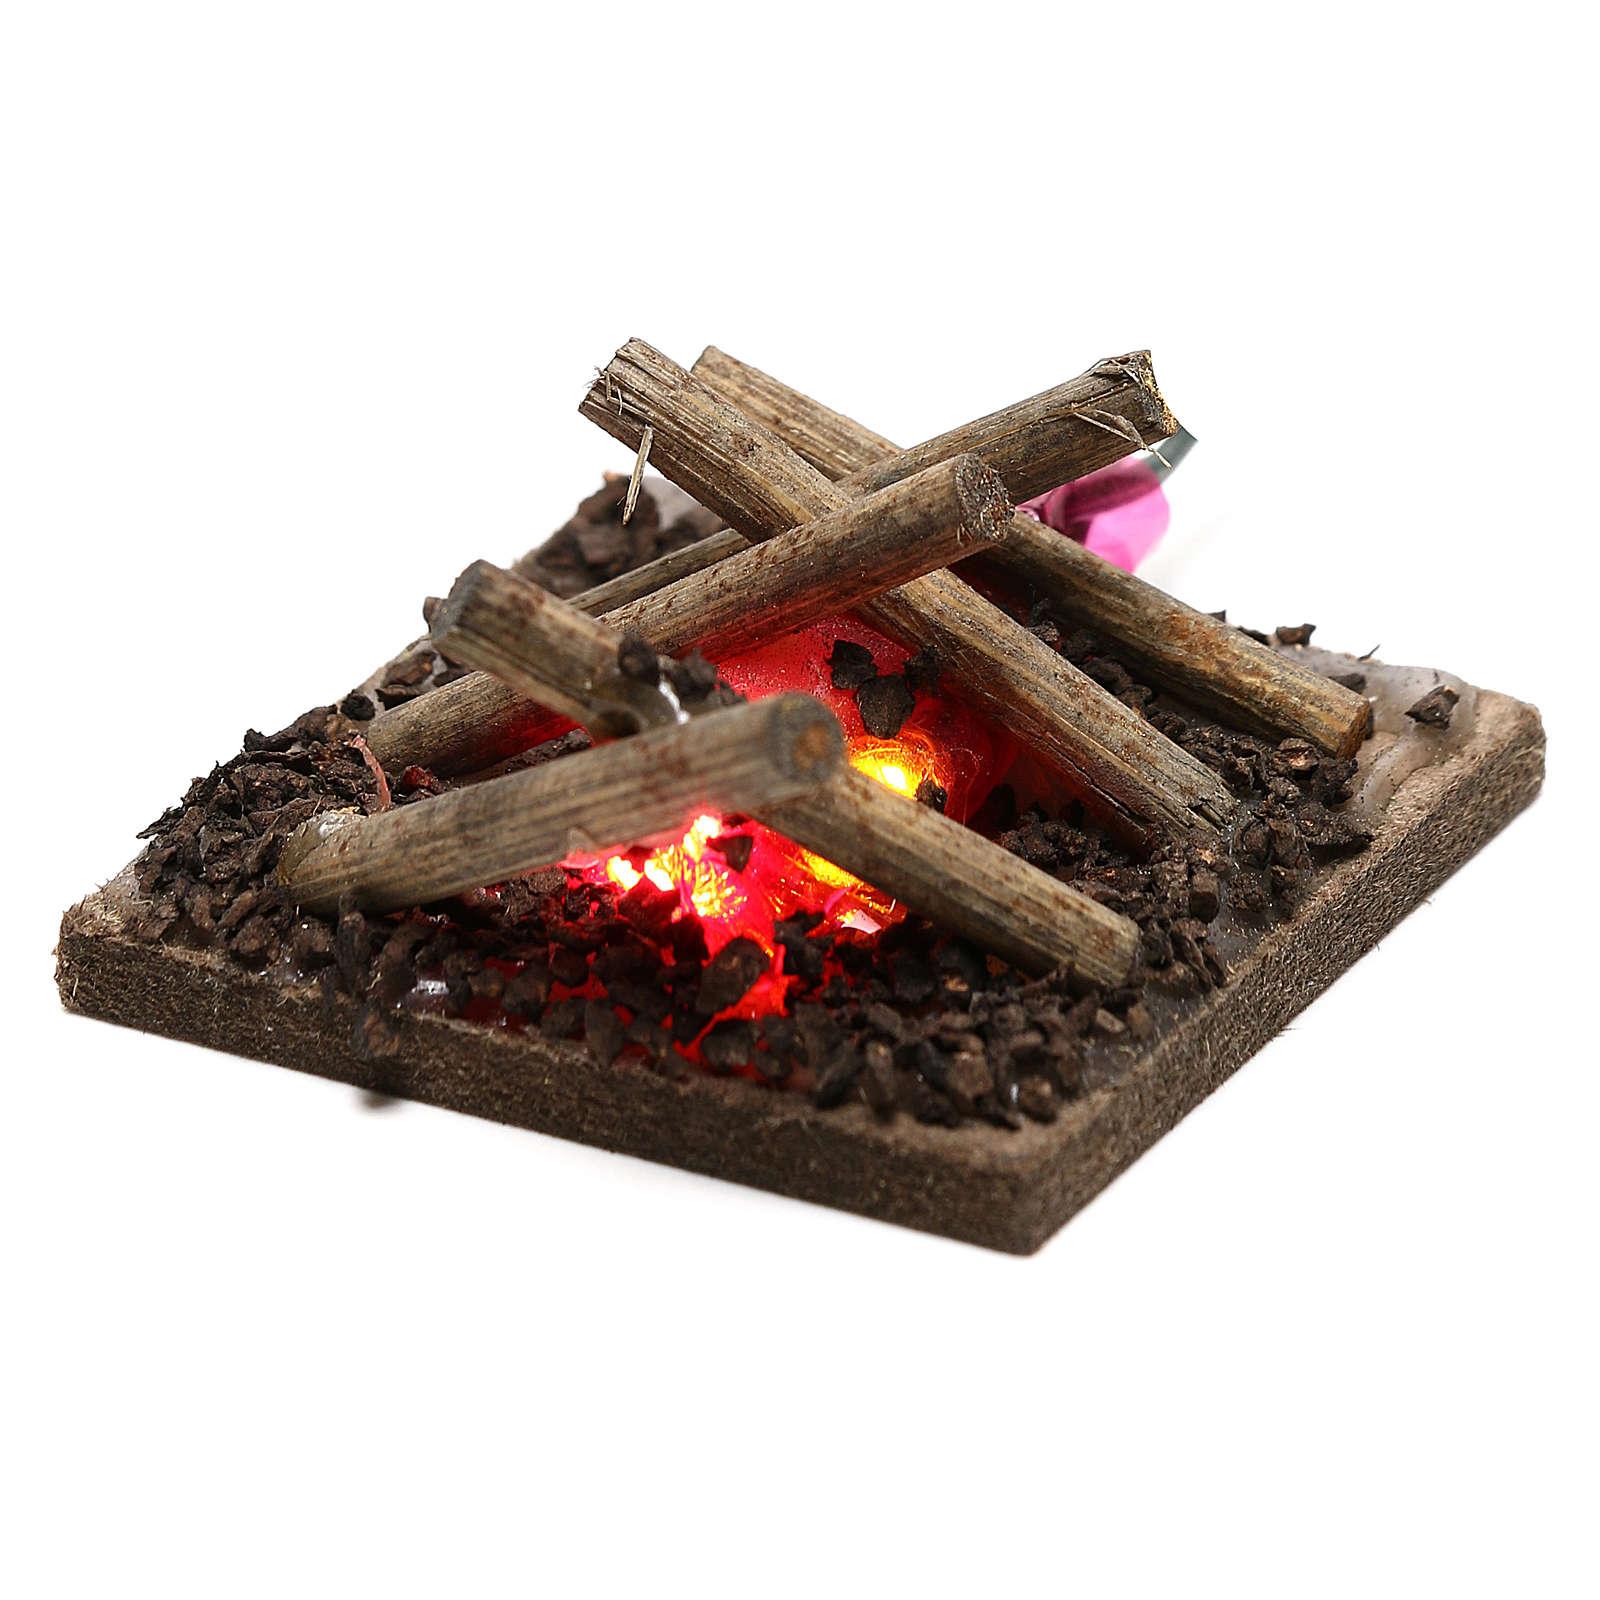 Feuerlager mit intermittierenden Ledlichter 5x5cm 4